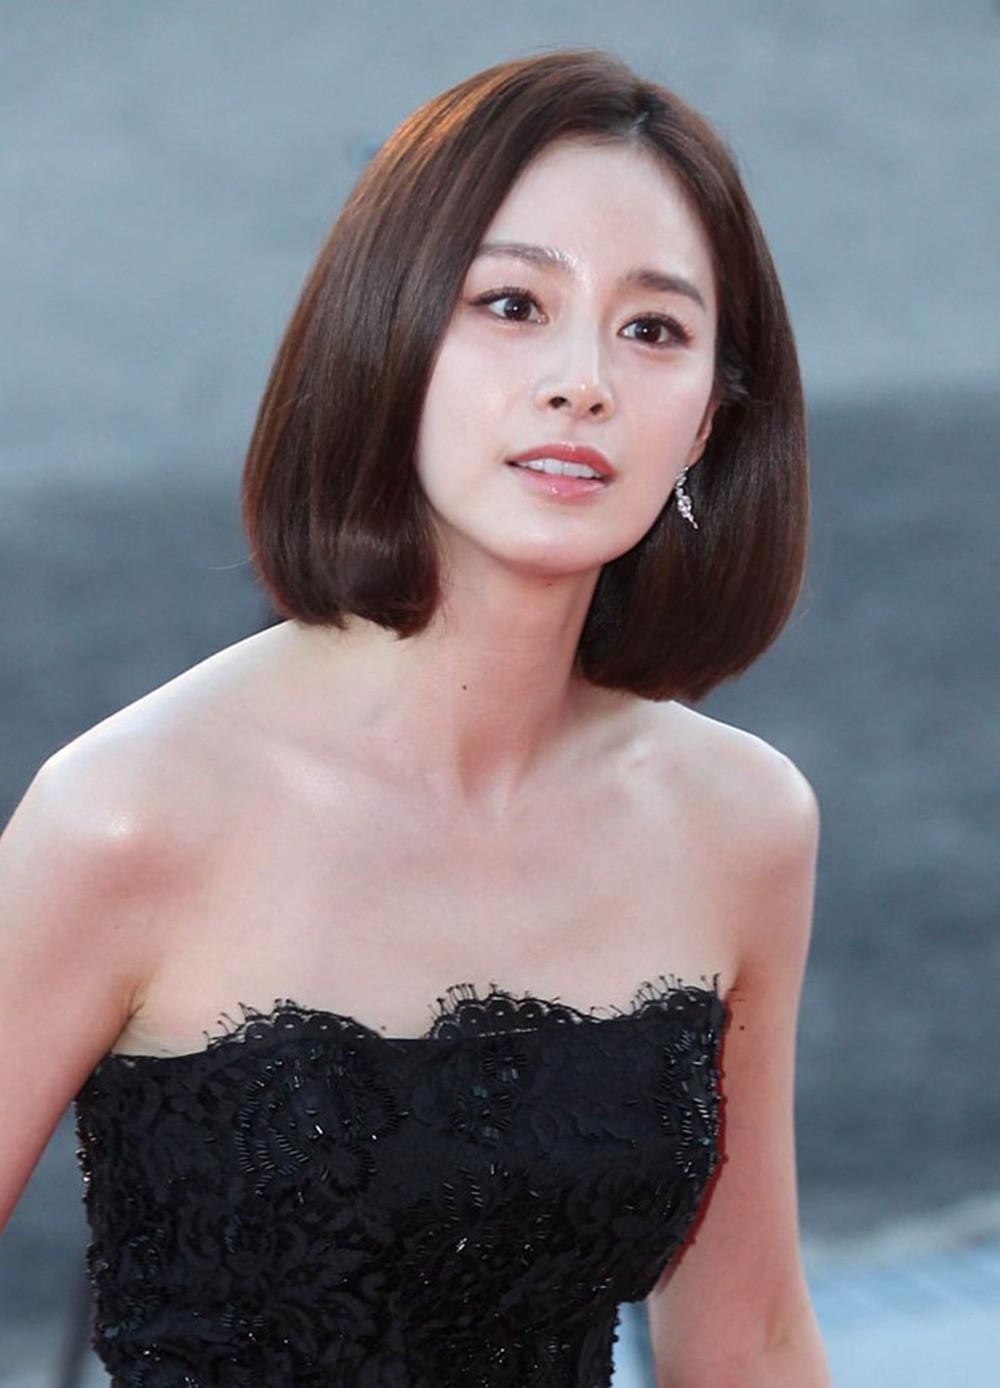 Vẻ đẹp của Kim Tae Hee: Từ nữ thần đại học đến biểu tượng nhan sắc, cả cái bóng phản chiếu trên tường cũng thừa sức gây sốt 19